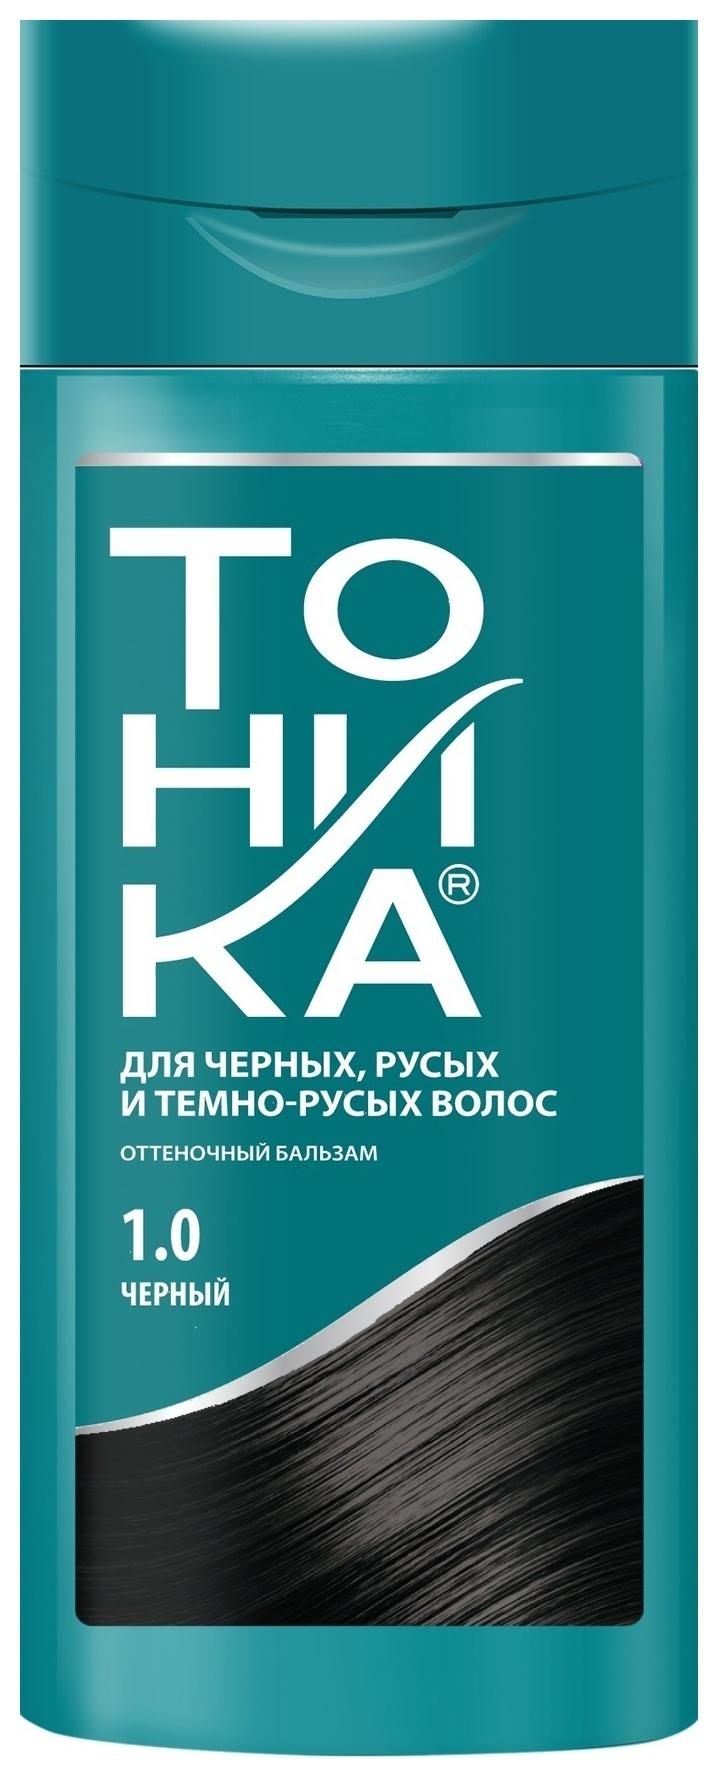 Оттеночный бальзам для натуральных волос  Тоника